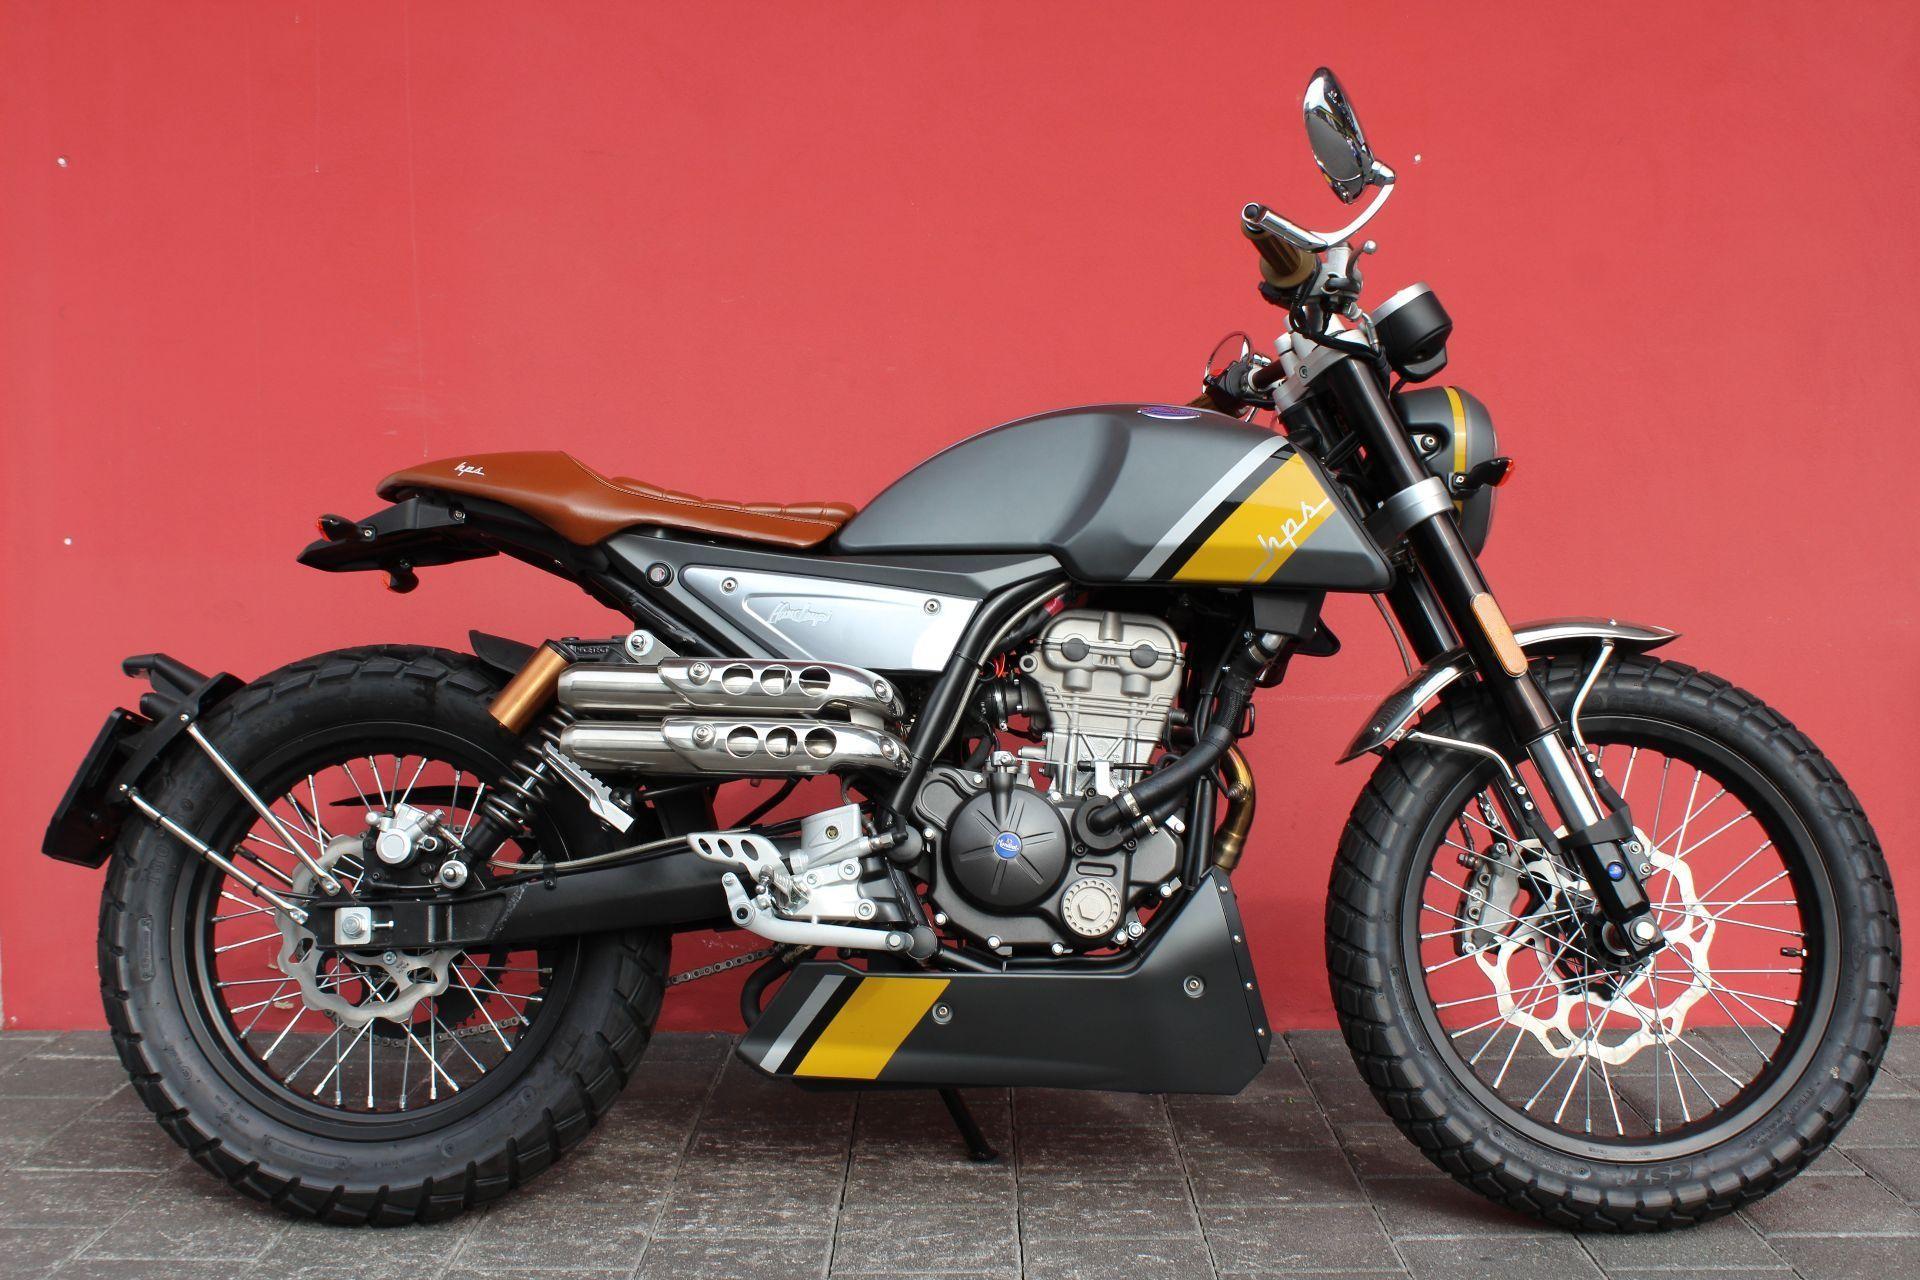 moto neuve acheter mondial hps 125 hans leupi gmbh meggen. Black Bedroom Furniture Sets. Home Design Ideas